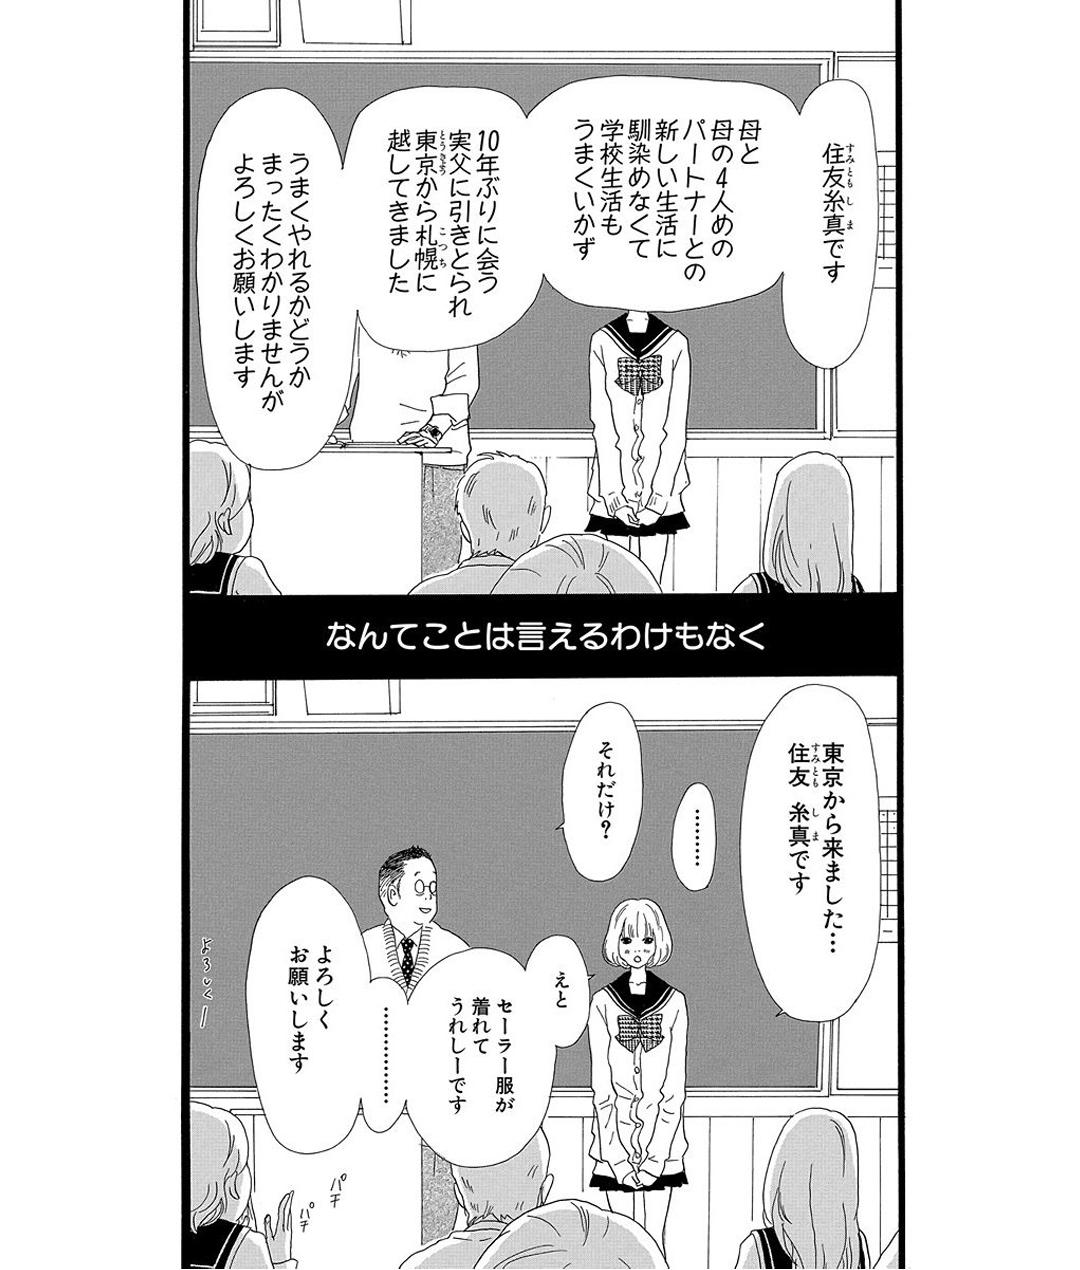 プリンシパル 第1話 試し読み_1_1-12